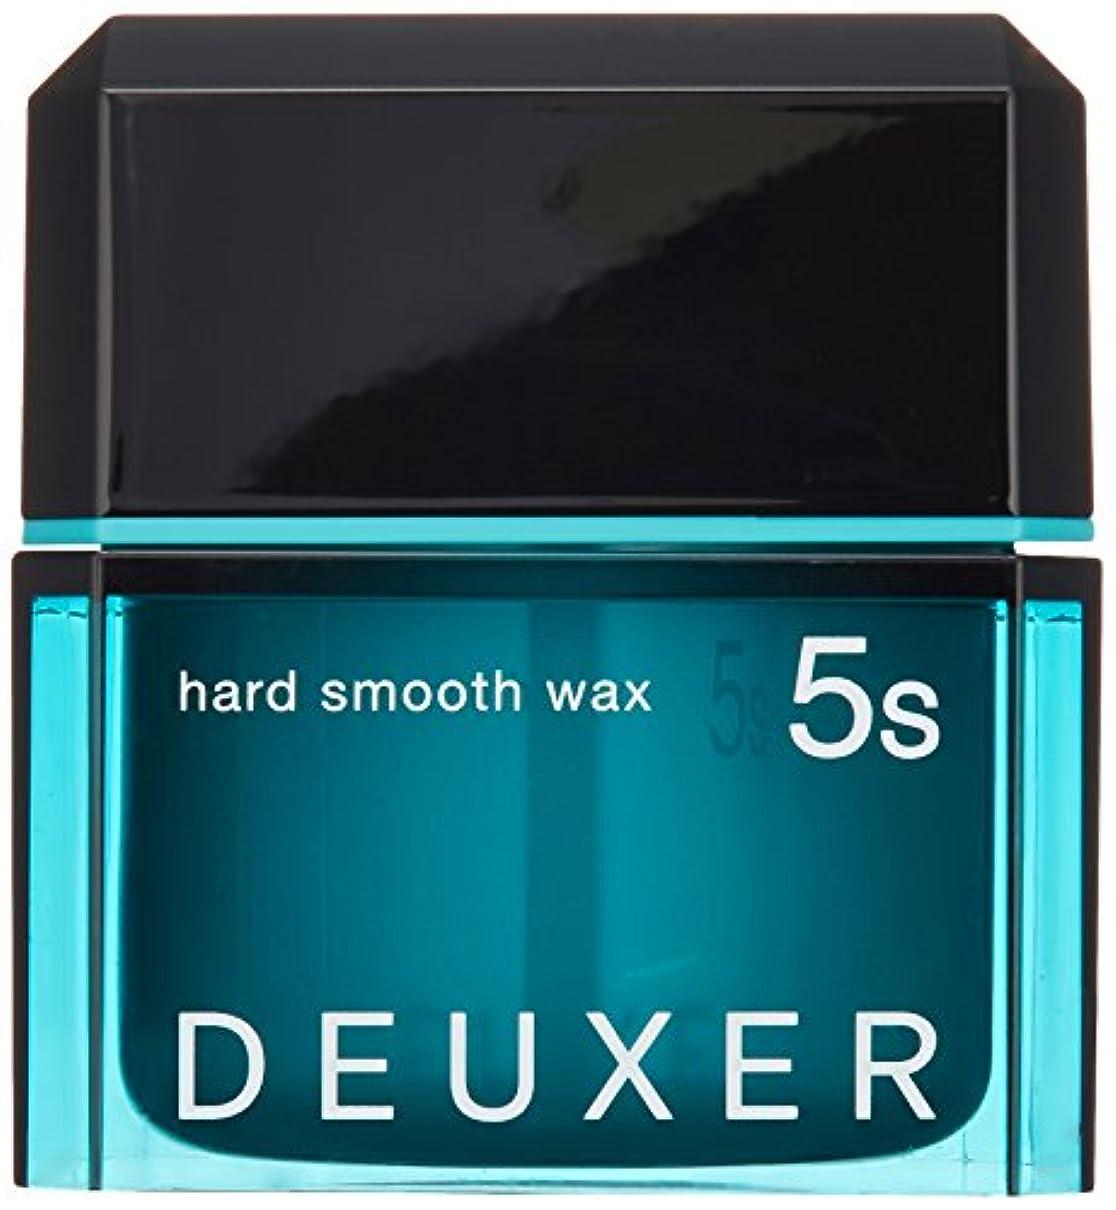 光のバインドどちらかナンバースリー DEUXER(デューサー) ハードスムースワックス 5S 80g